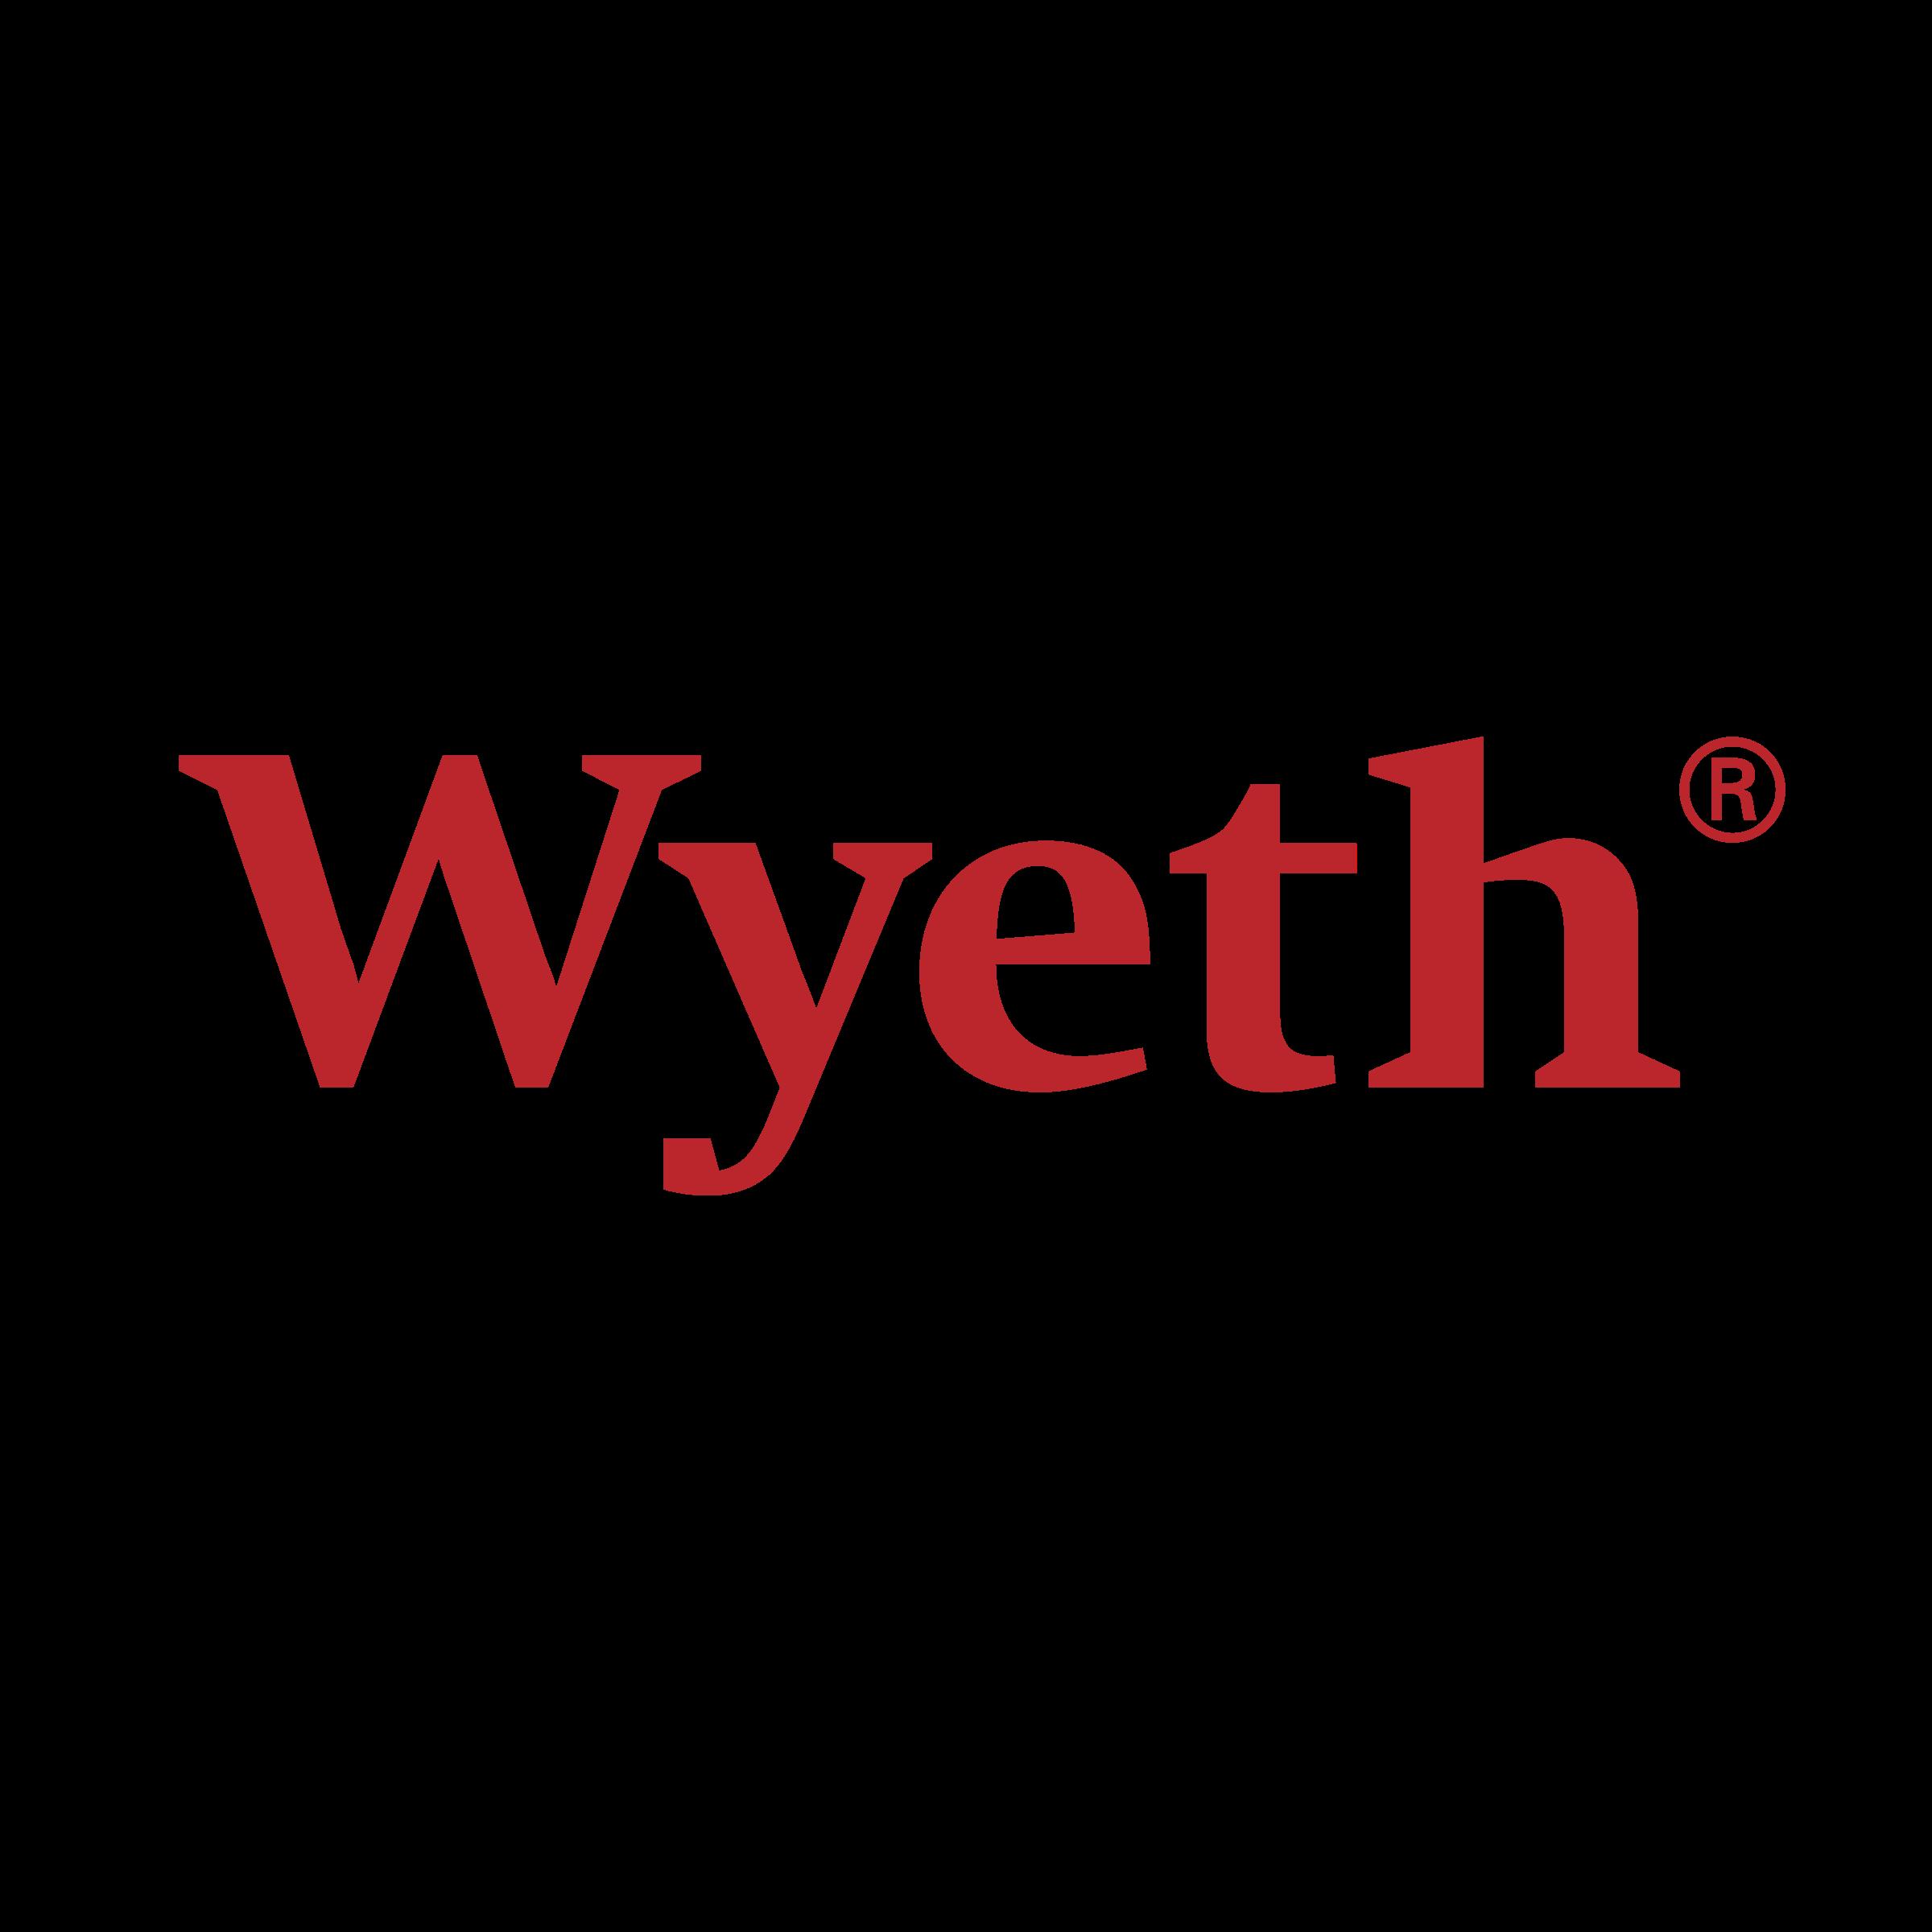 wyeth.png